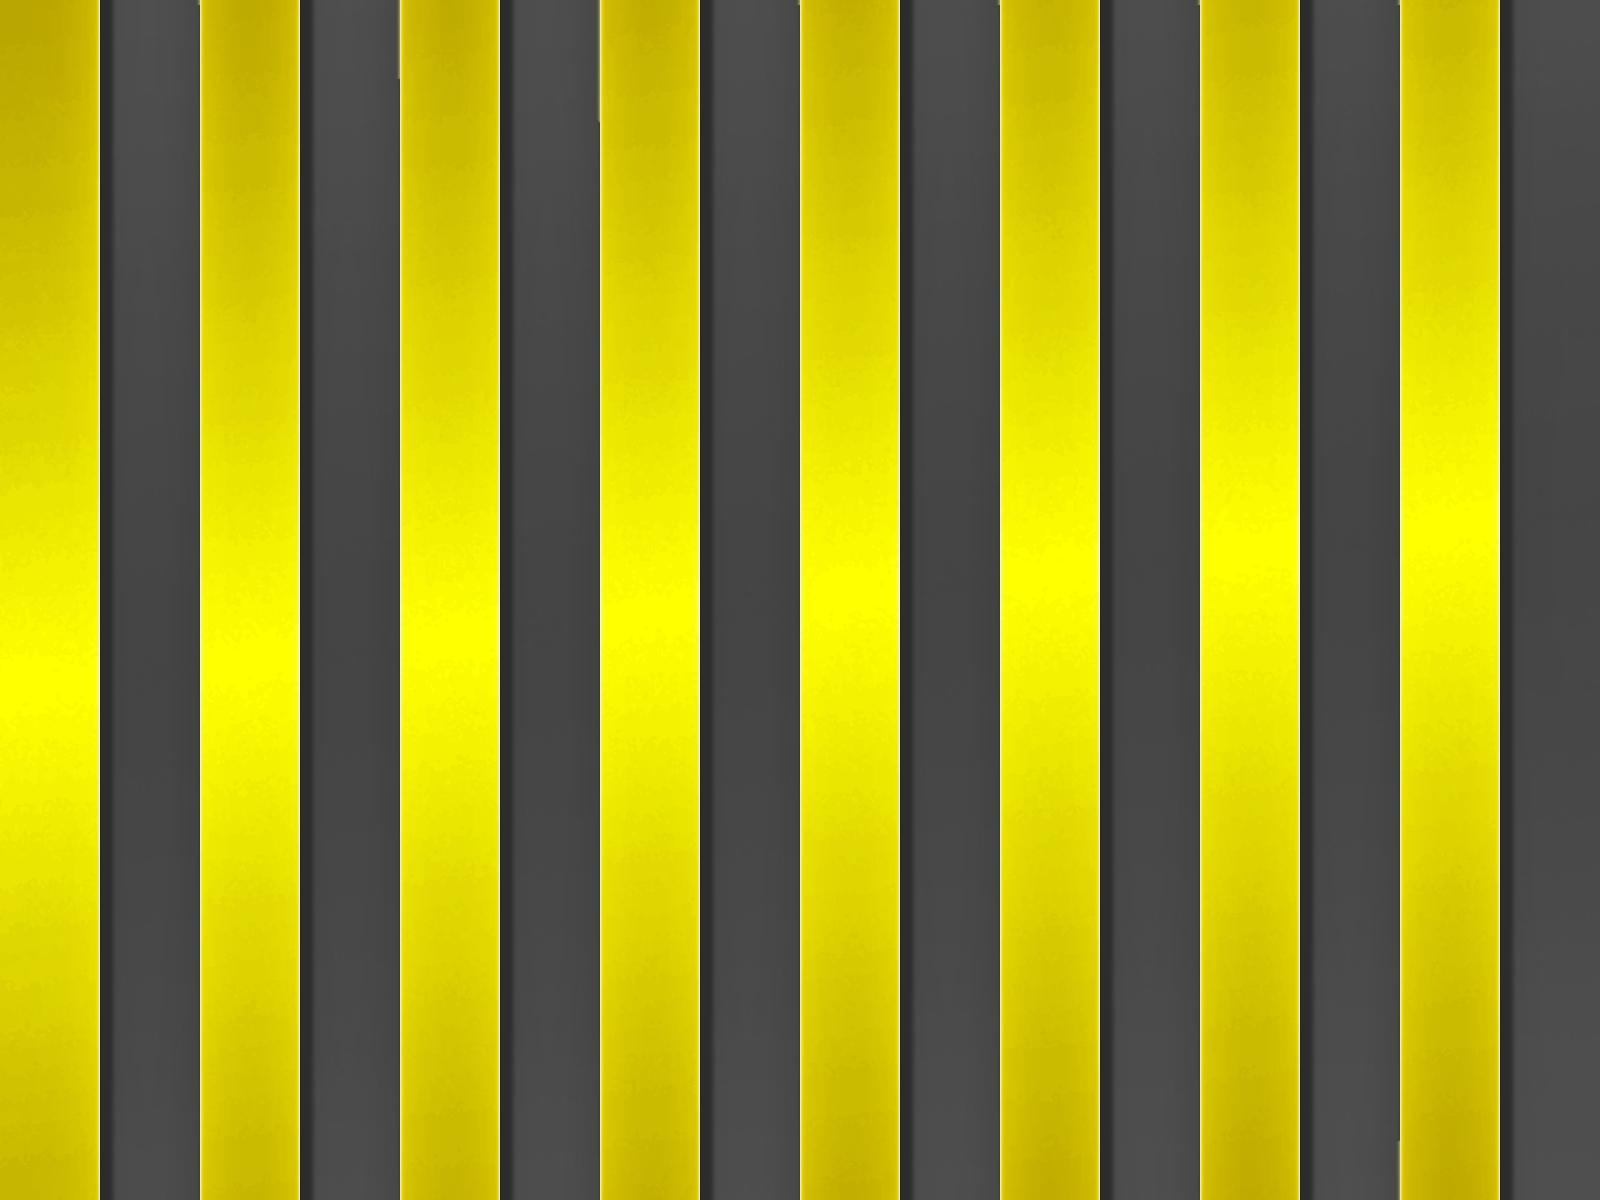 Yellow And Grey Wallpaper Wallpapersafari